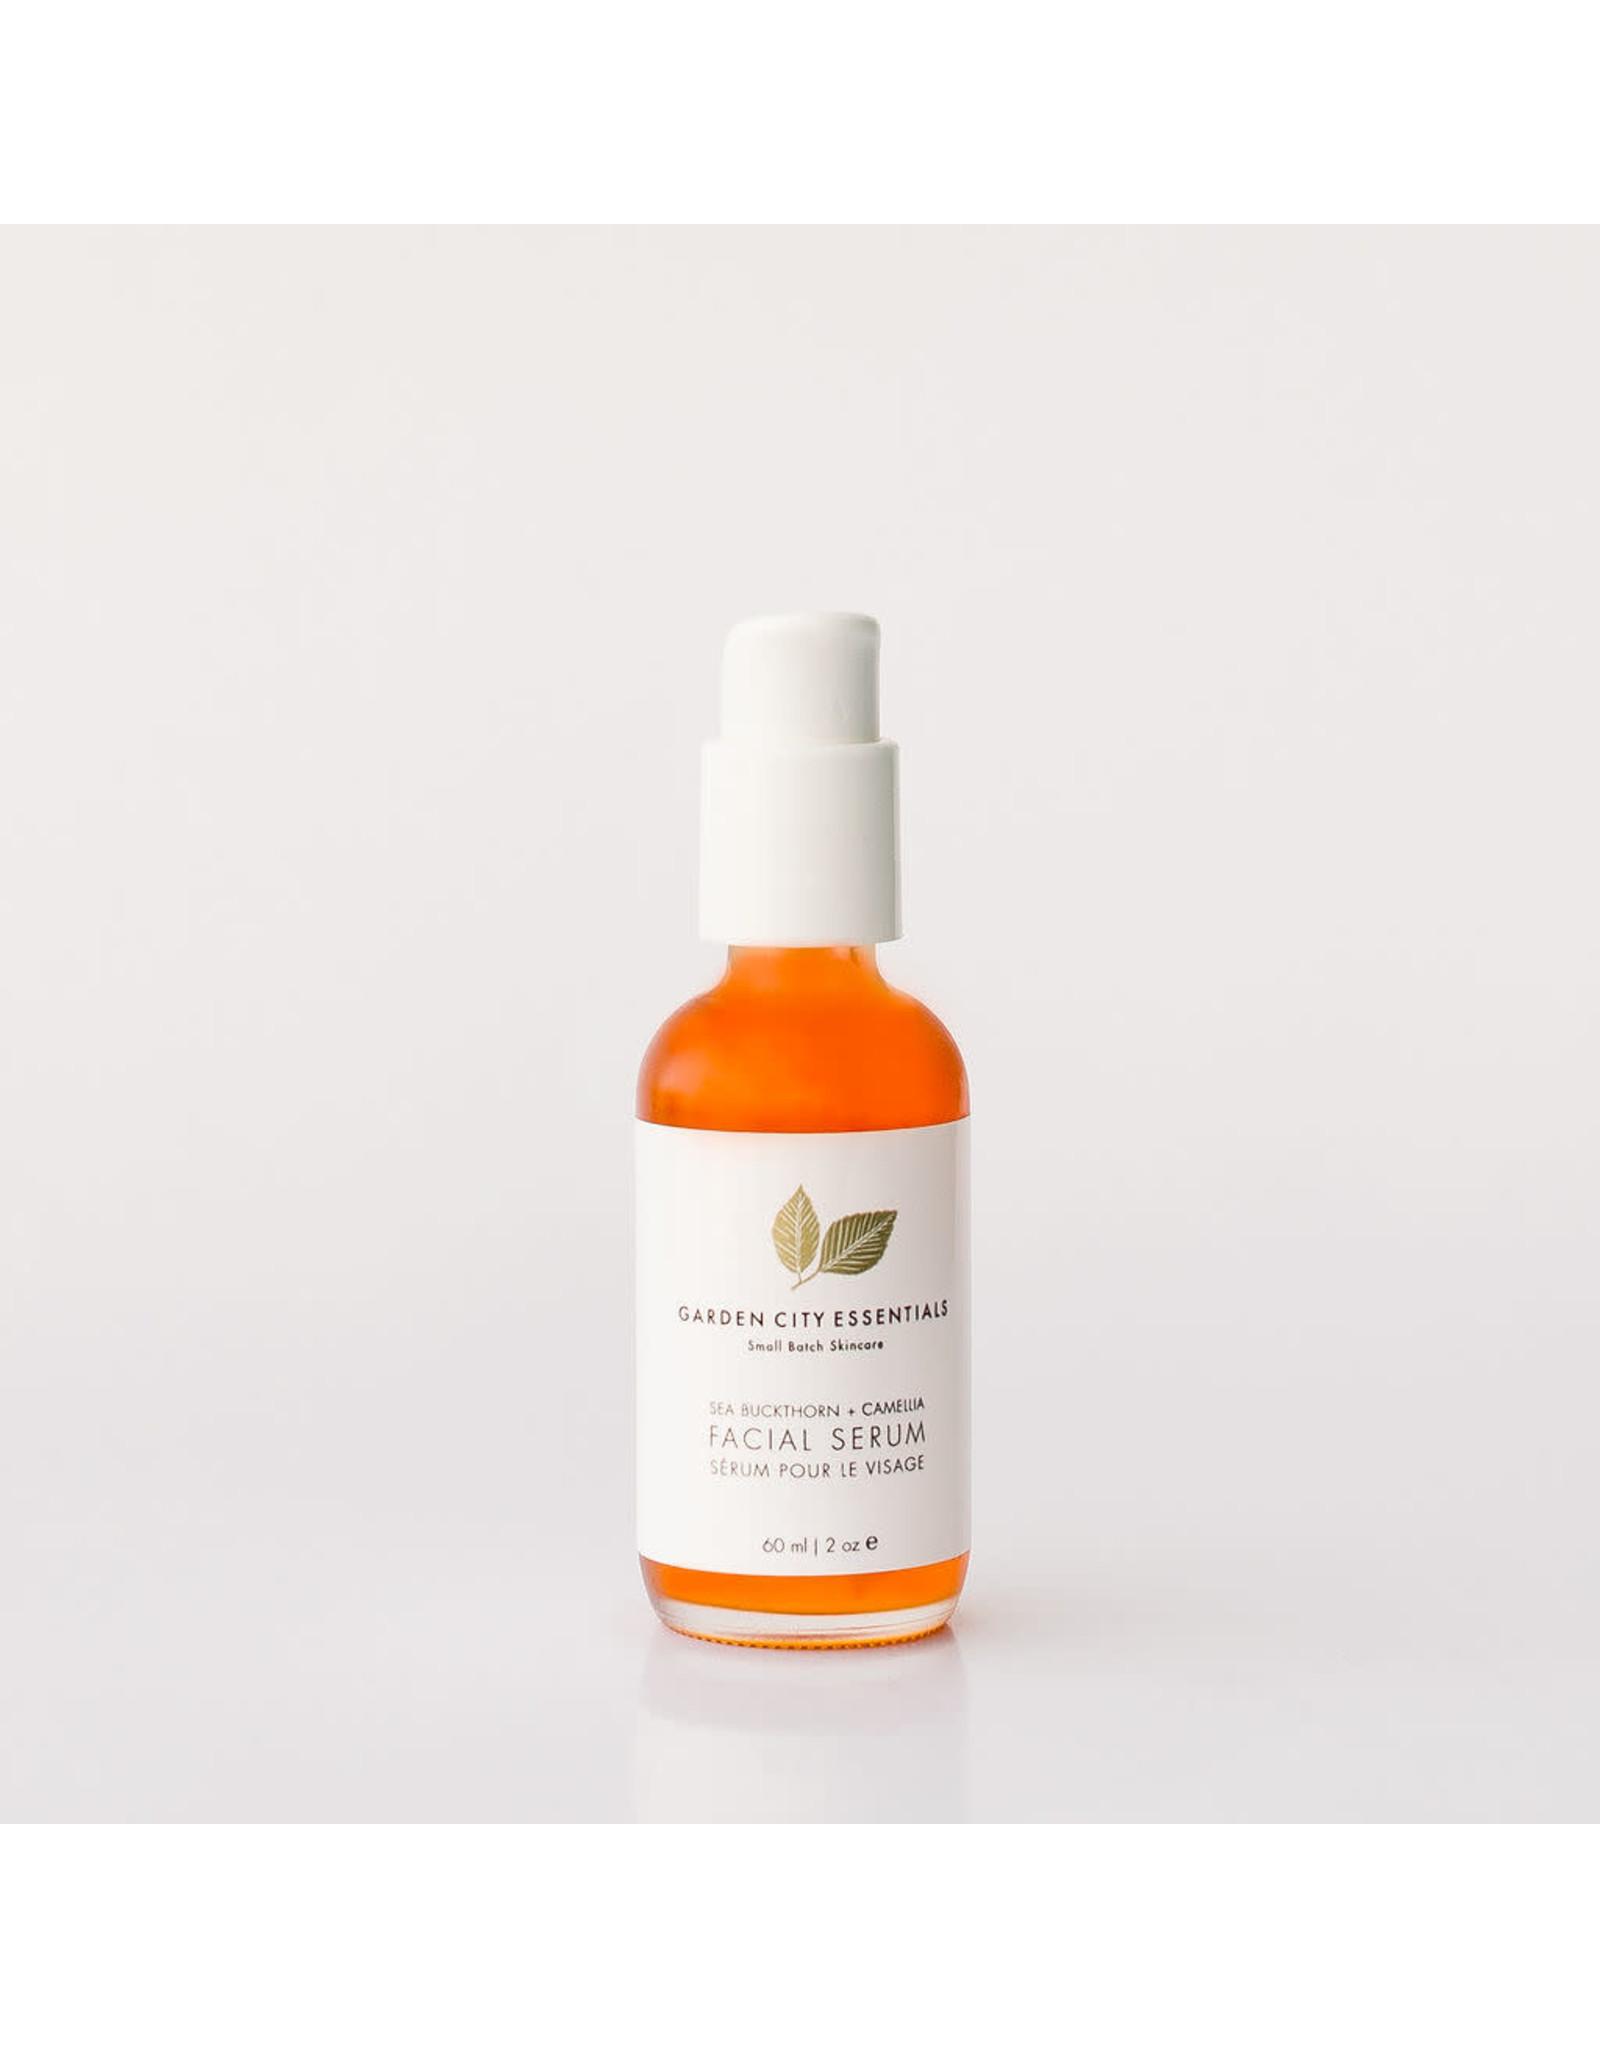 Garden City Essentials Sea buckthorn & Camellia Facial Serum 60ml